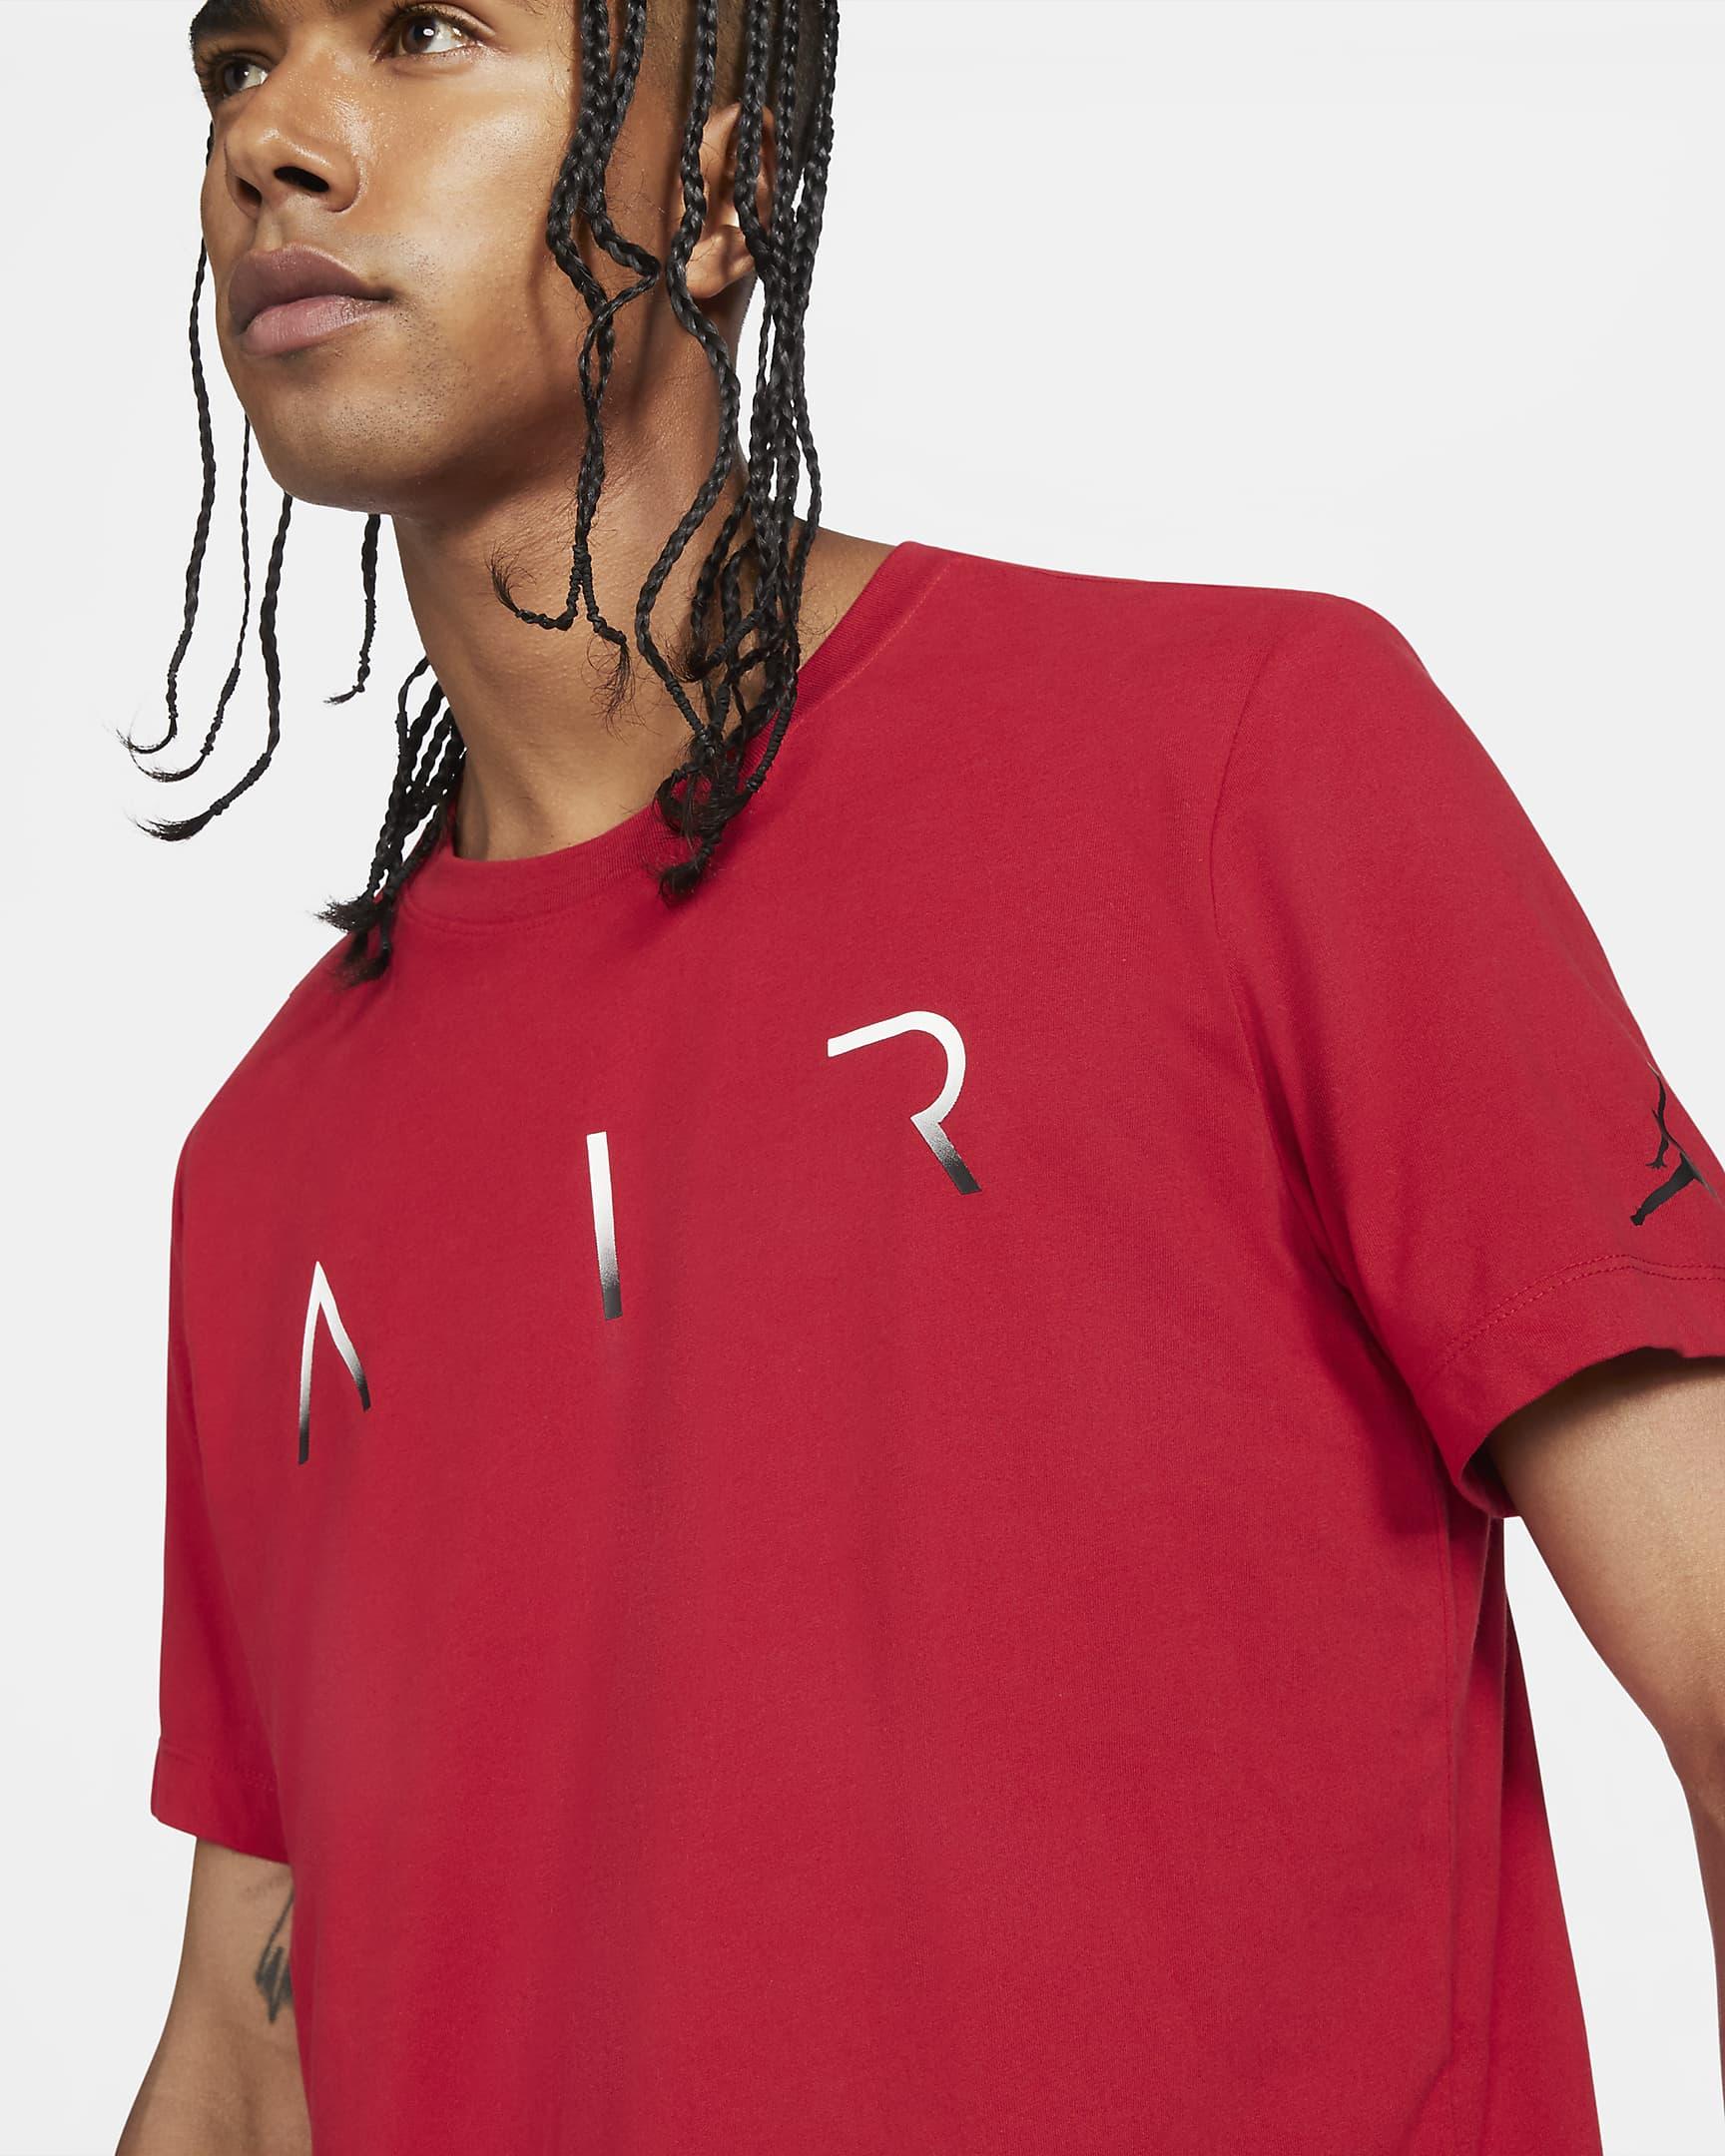 jordan-jumpman-air-mensn-short-sleeve-t-shirt-dG7grb-5